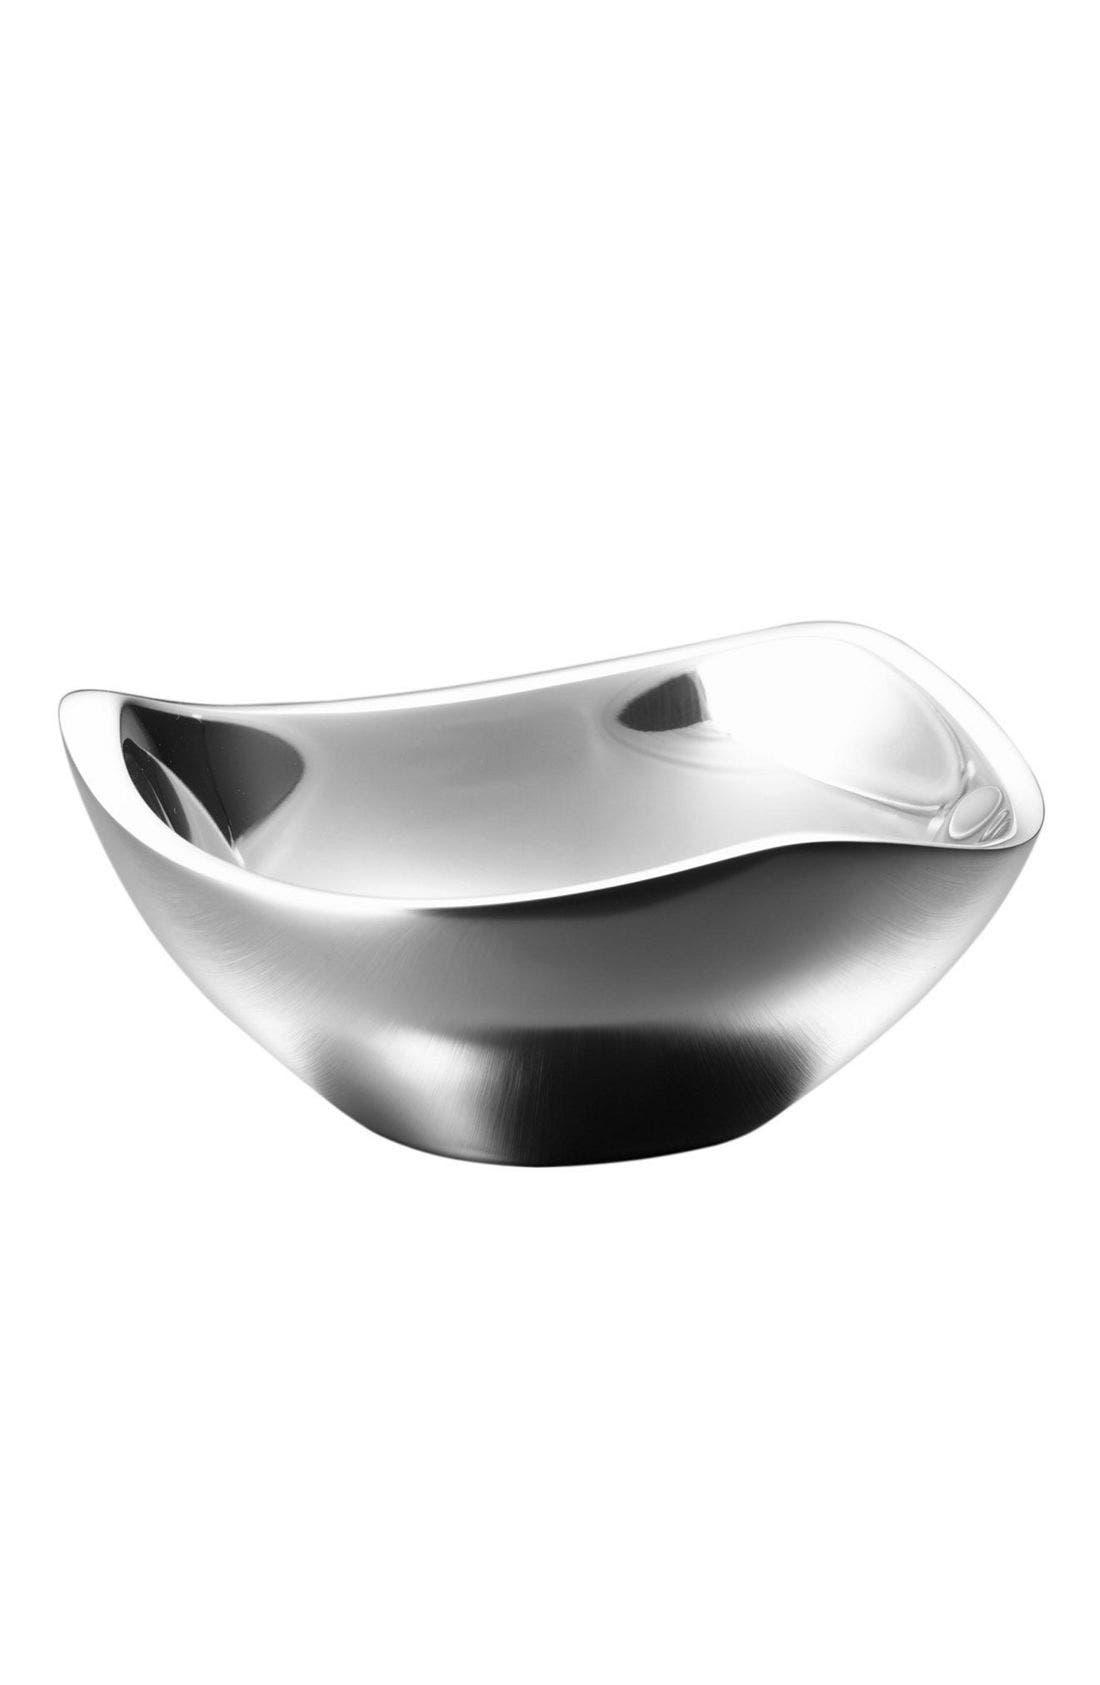 Image of Nambe Sculptured Bowl